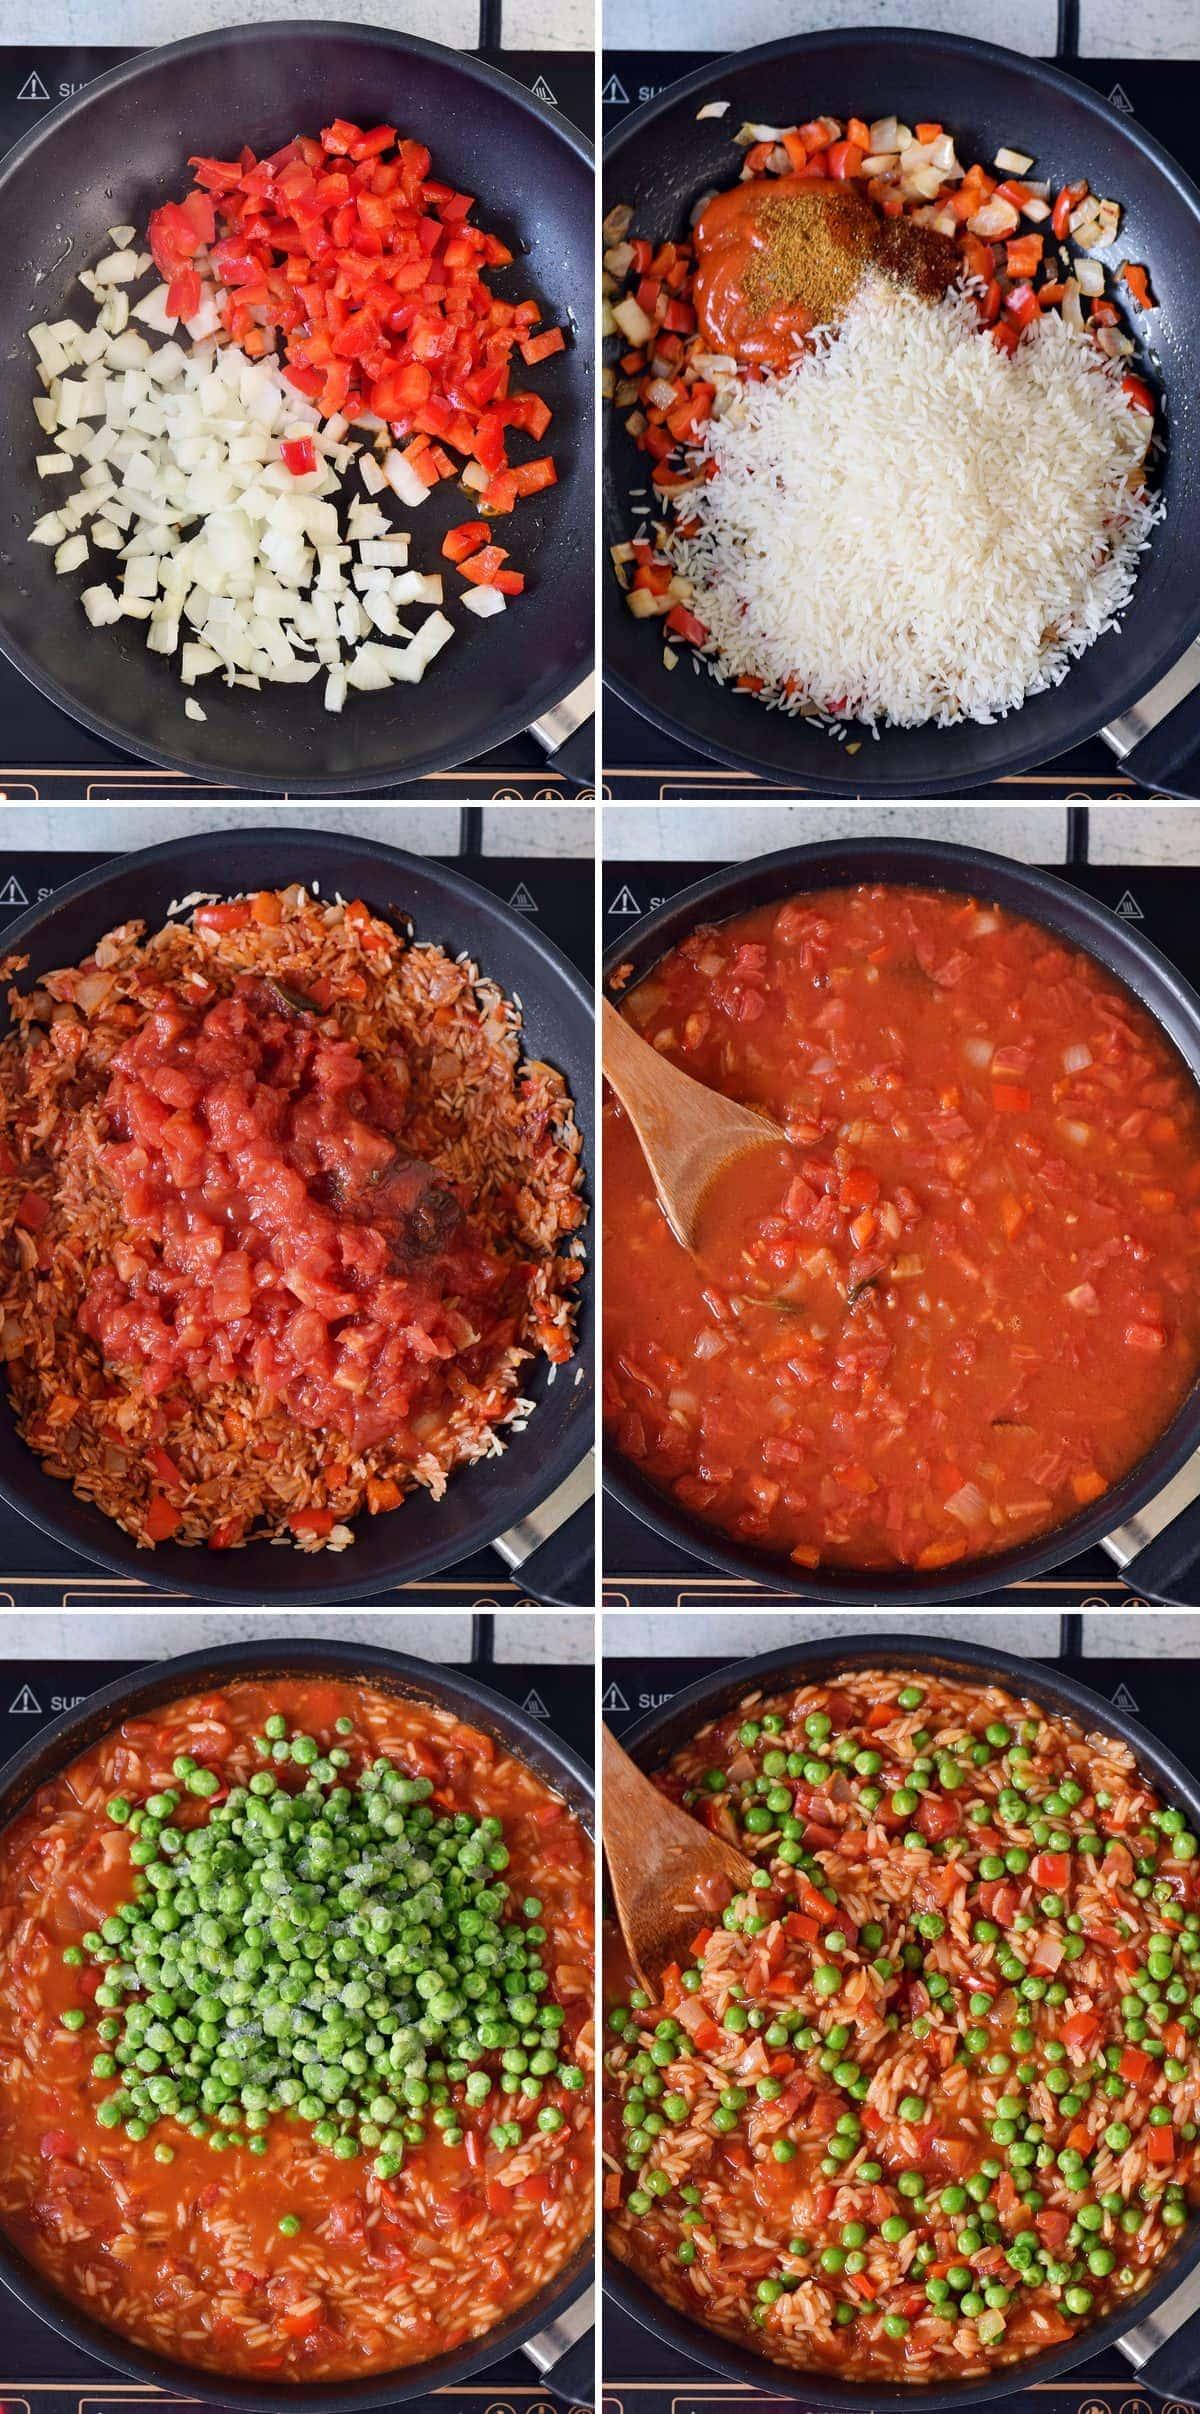 6 Schritt-für-Schritt-Fotos, die die Herstellung von Djuvec Reis zeigen